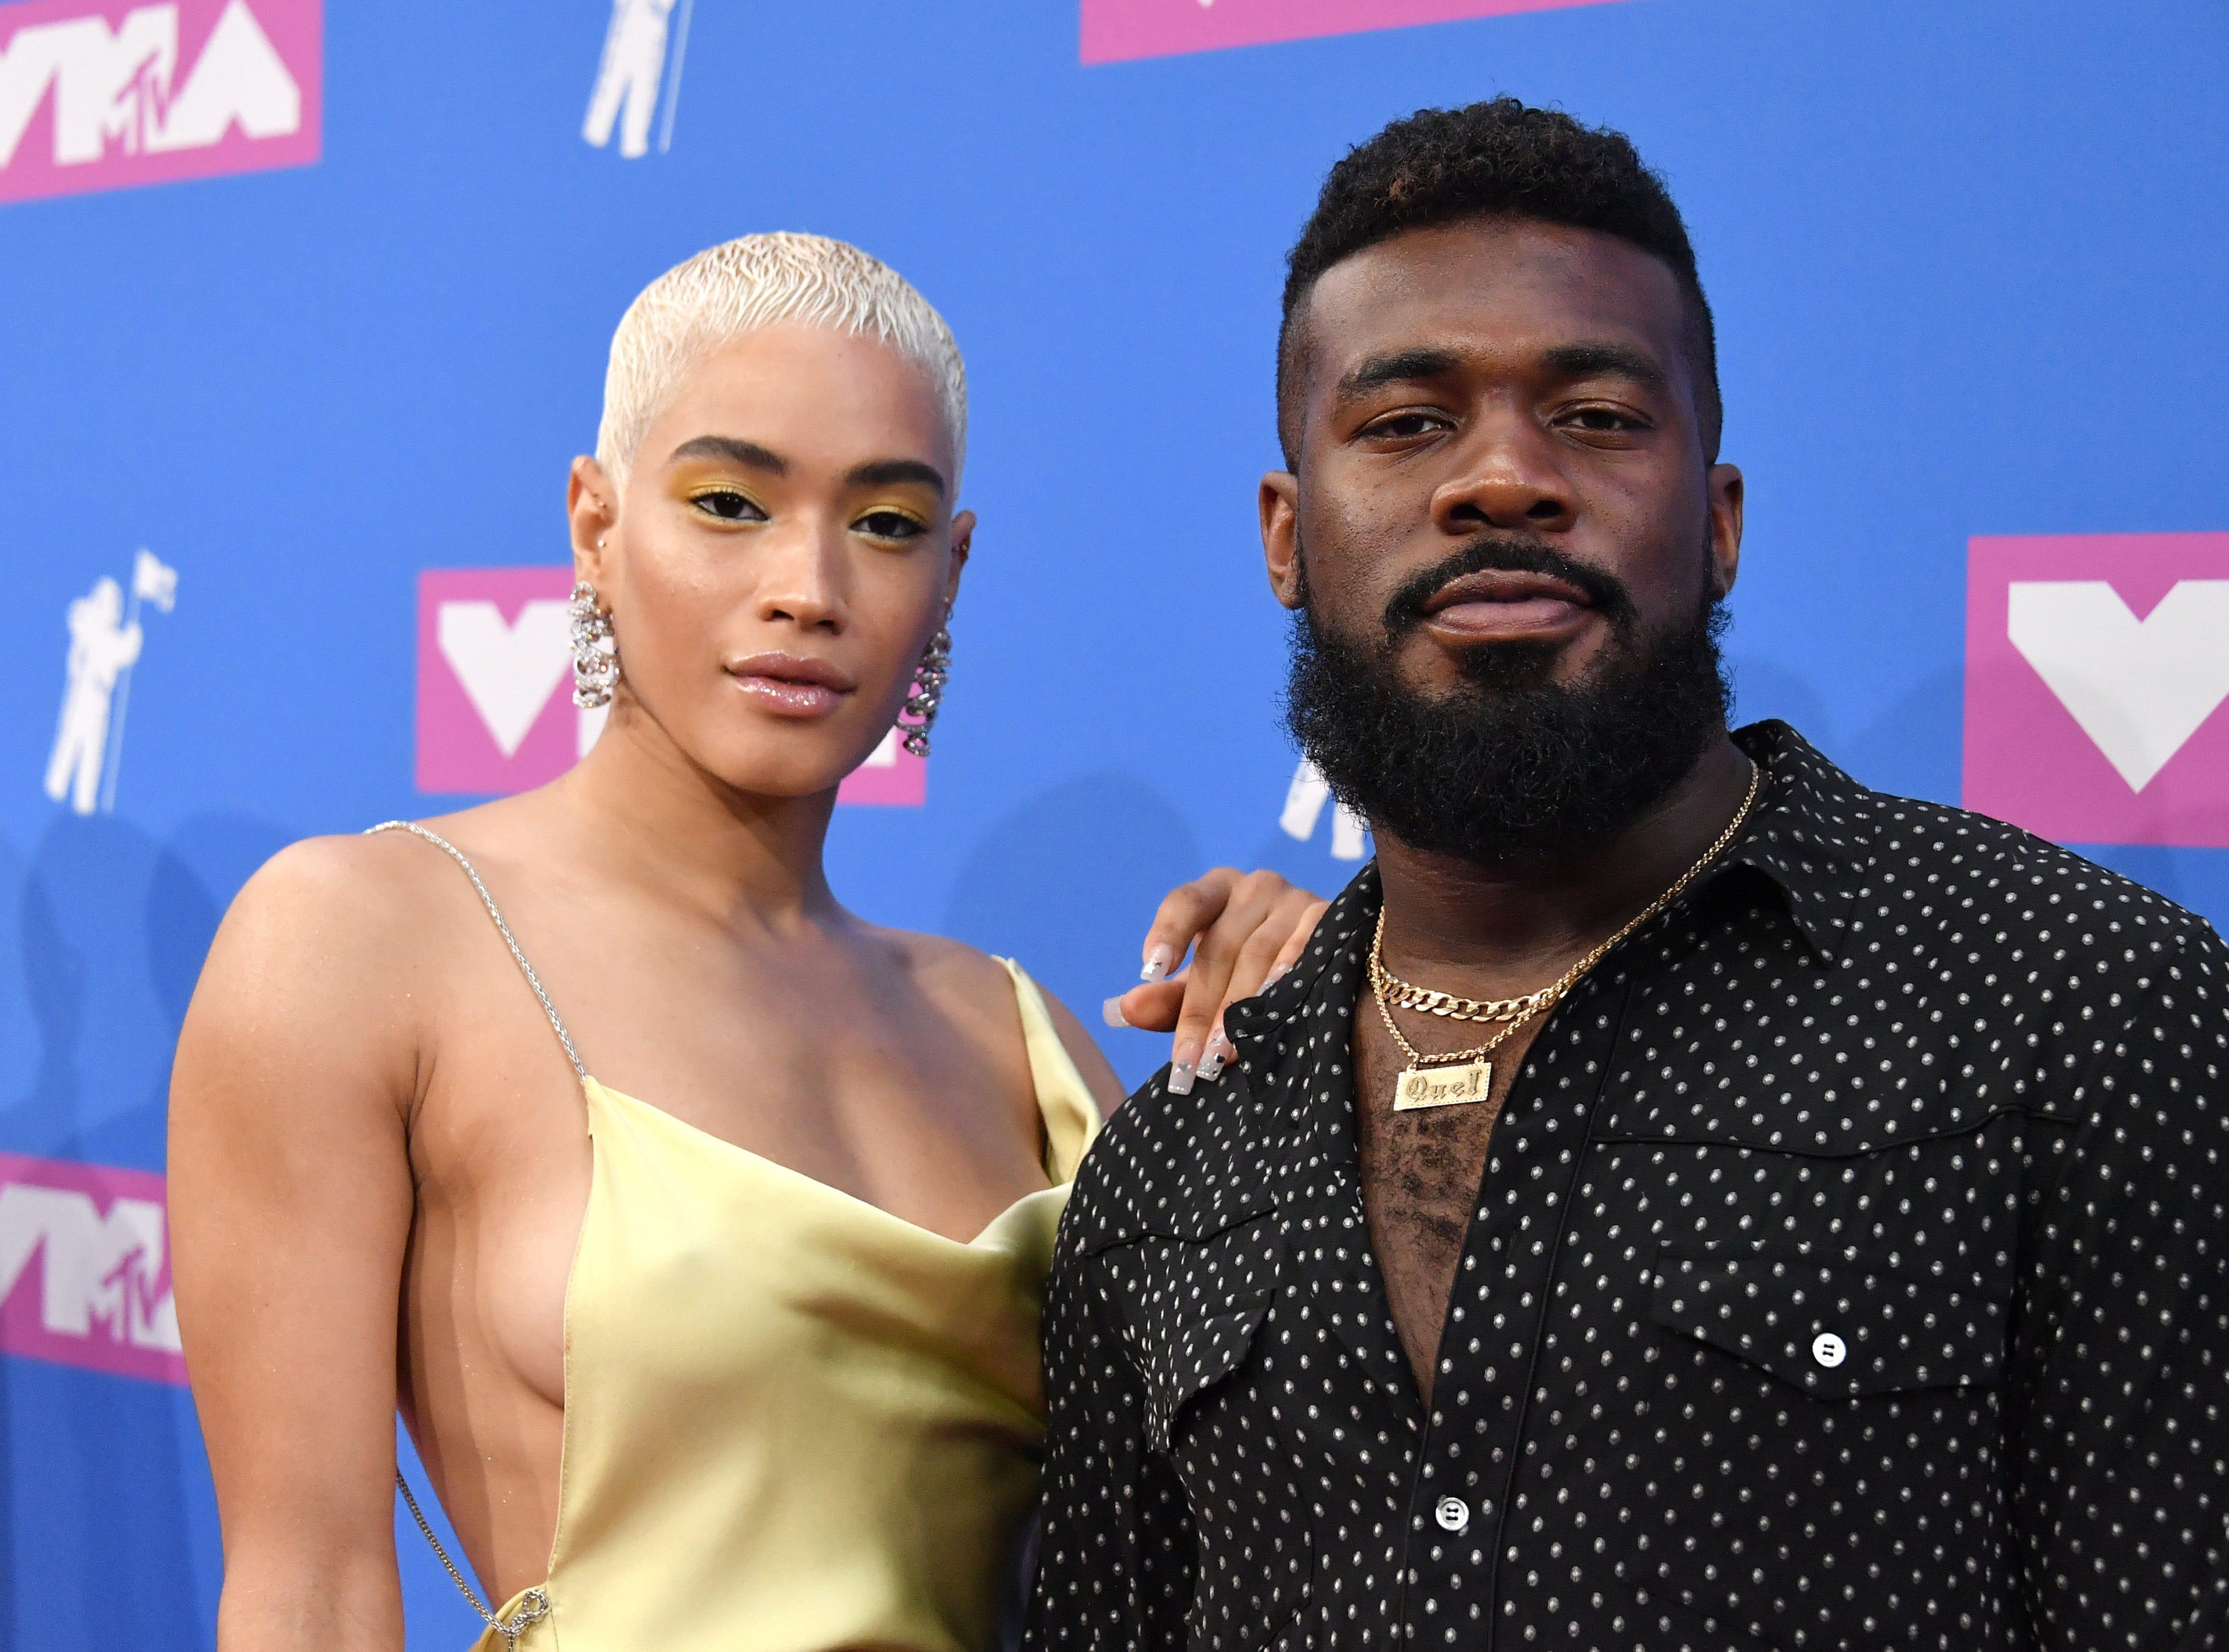 Mette Towley y JaQuel Knight  asisten a los MTV Video Music Awards 2018 en el Radio City Music Hall el 20 de agosto de 2018 en la ciudad de Nueva York.